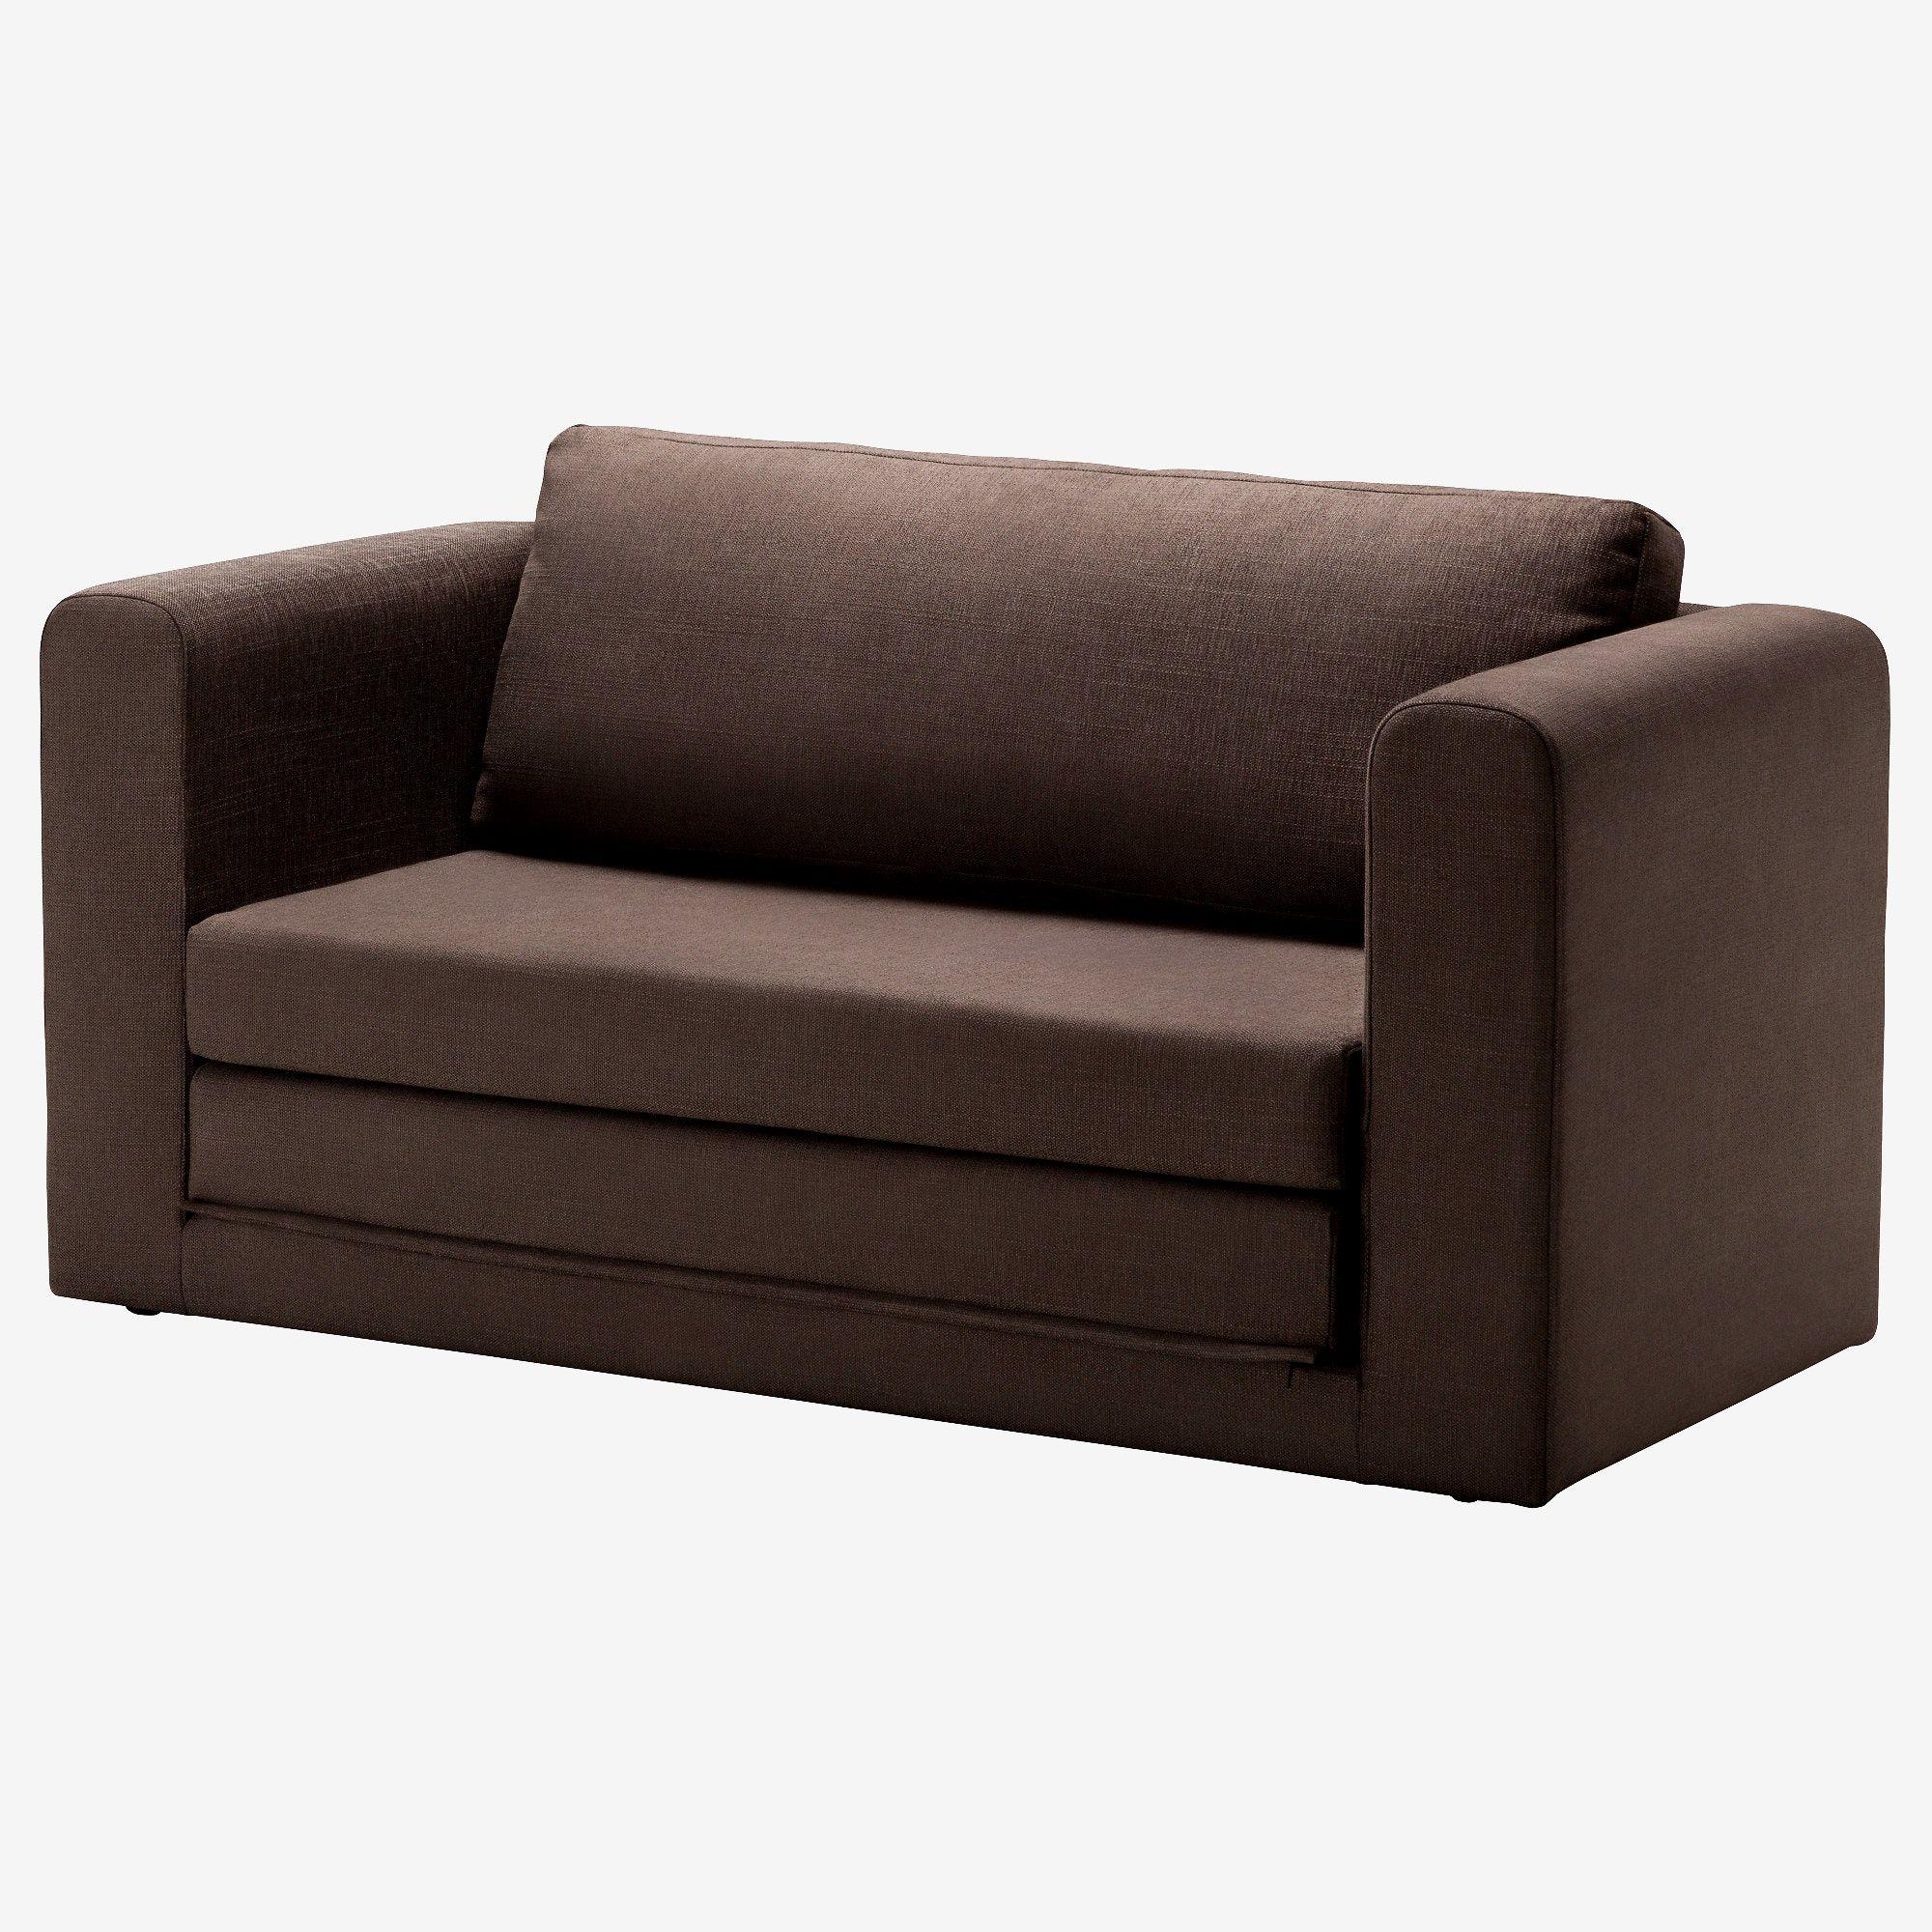 Full Size of Sofa Konfigurator Höffner Hffner 2er Caneva Aus Leder Luxus Big Mit Schlaffunktion Hülsta Poco Grünes Minotti Ewald Schillig Stressless Breit Garnitur Wohnzimmer Sofa Konfigurator Höffner